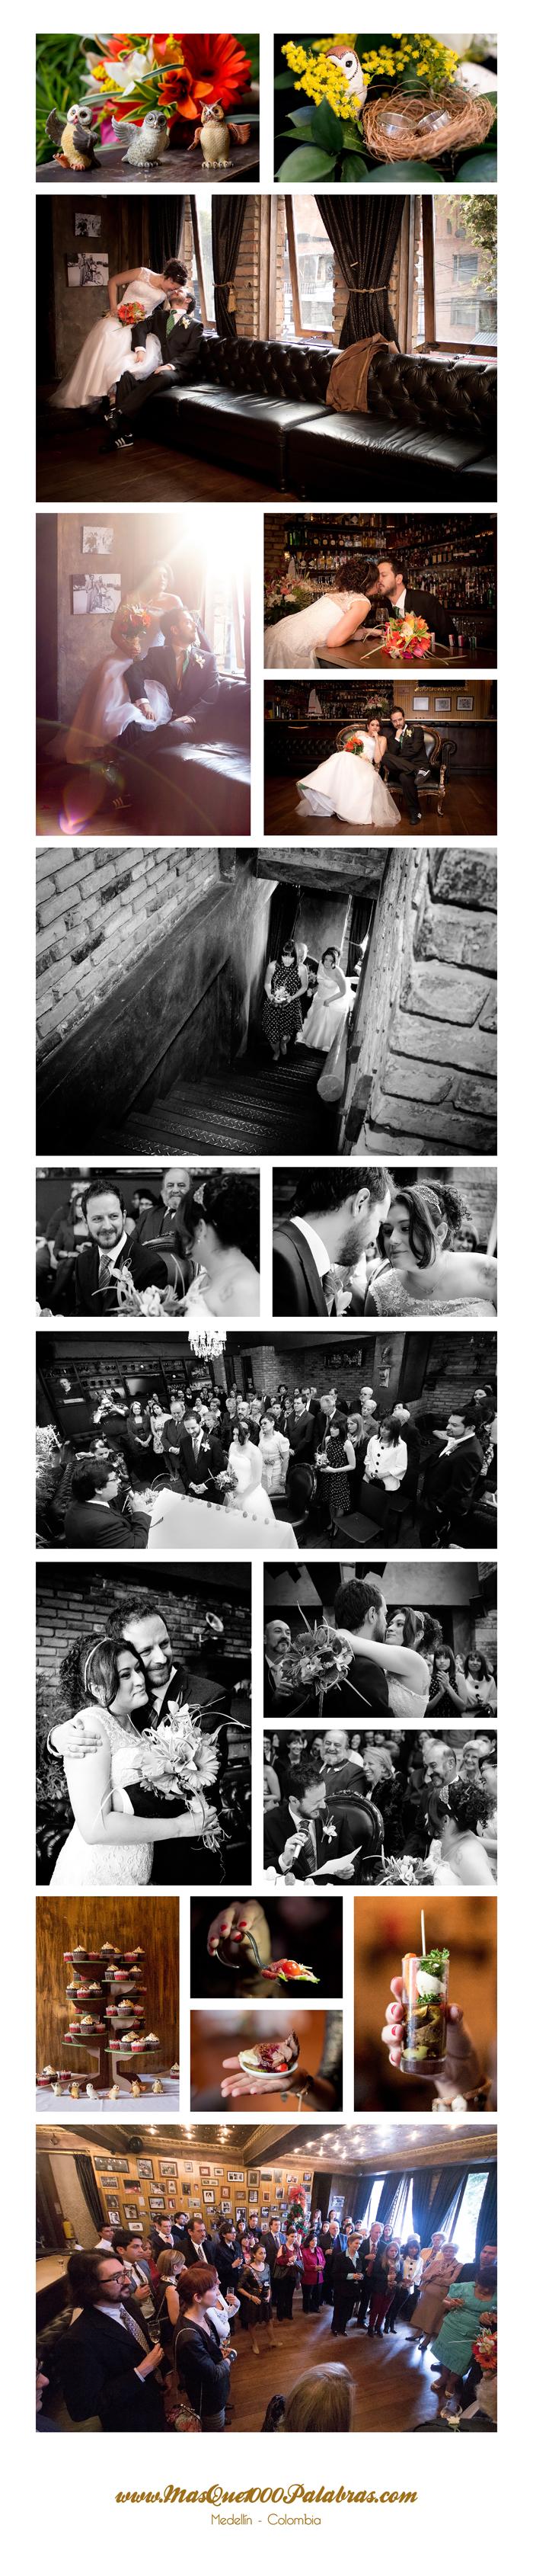 fotos boda bogota la fabbrica masque1000palabras mil palabras